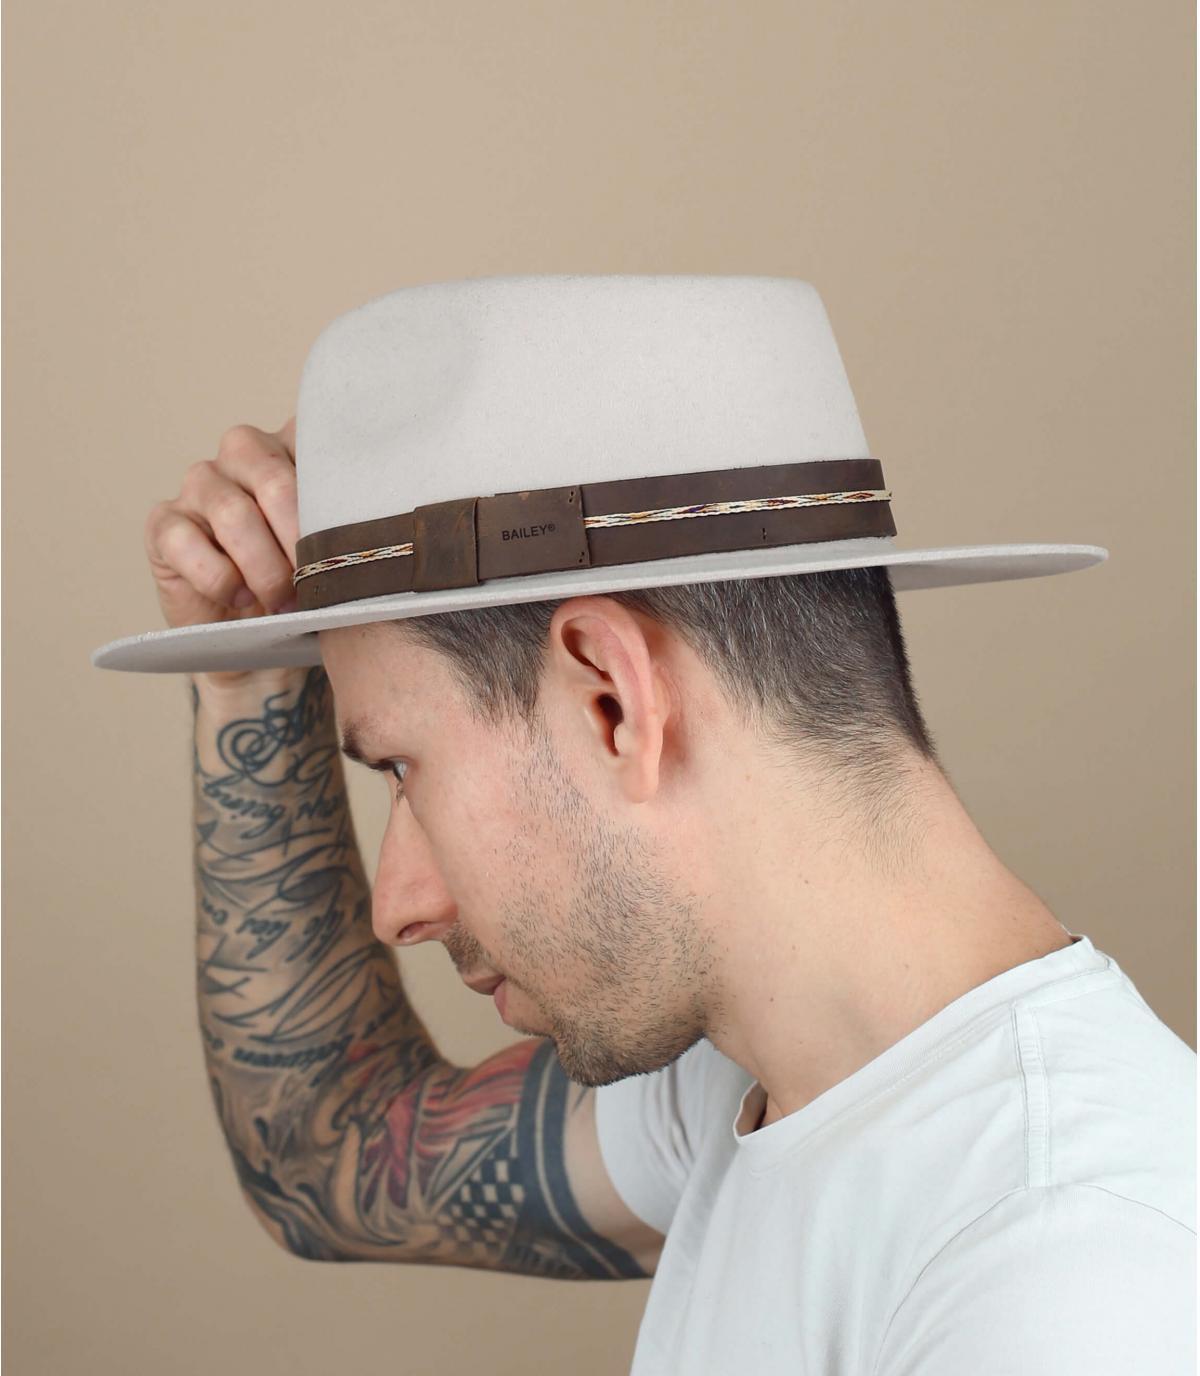 cappello in feltro Bailey beige